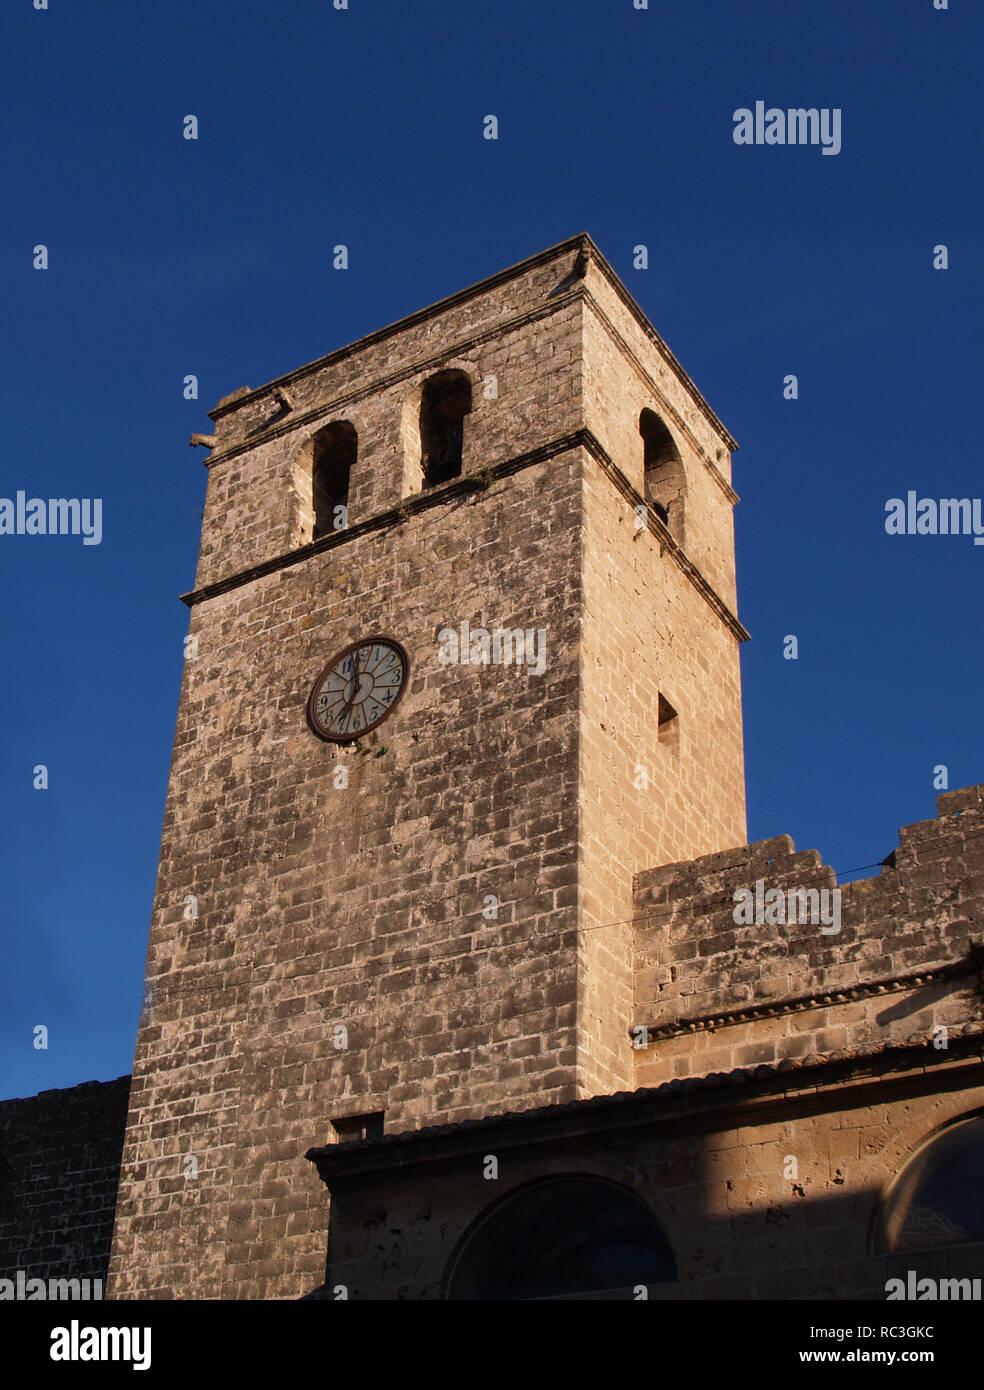 COMUNIDAD VALENCIANA. XATIVA (JAVEA). IGLESIA FORTIFICADA DE SAN BARTOLOME, construida a finales del S. XIV finales del XV, en estilo gótico tardio valenciano. España. - Stock Image